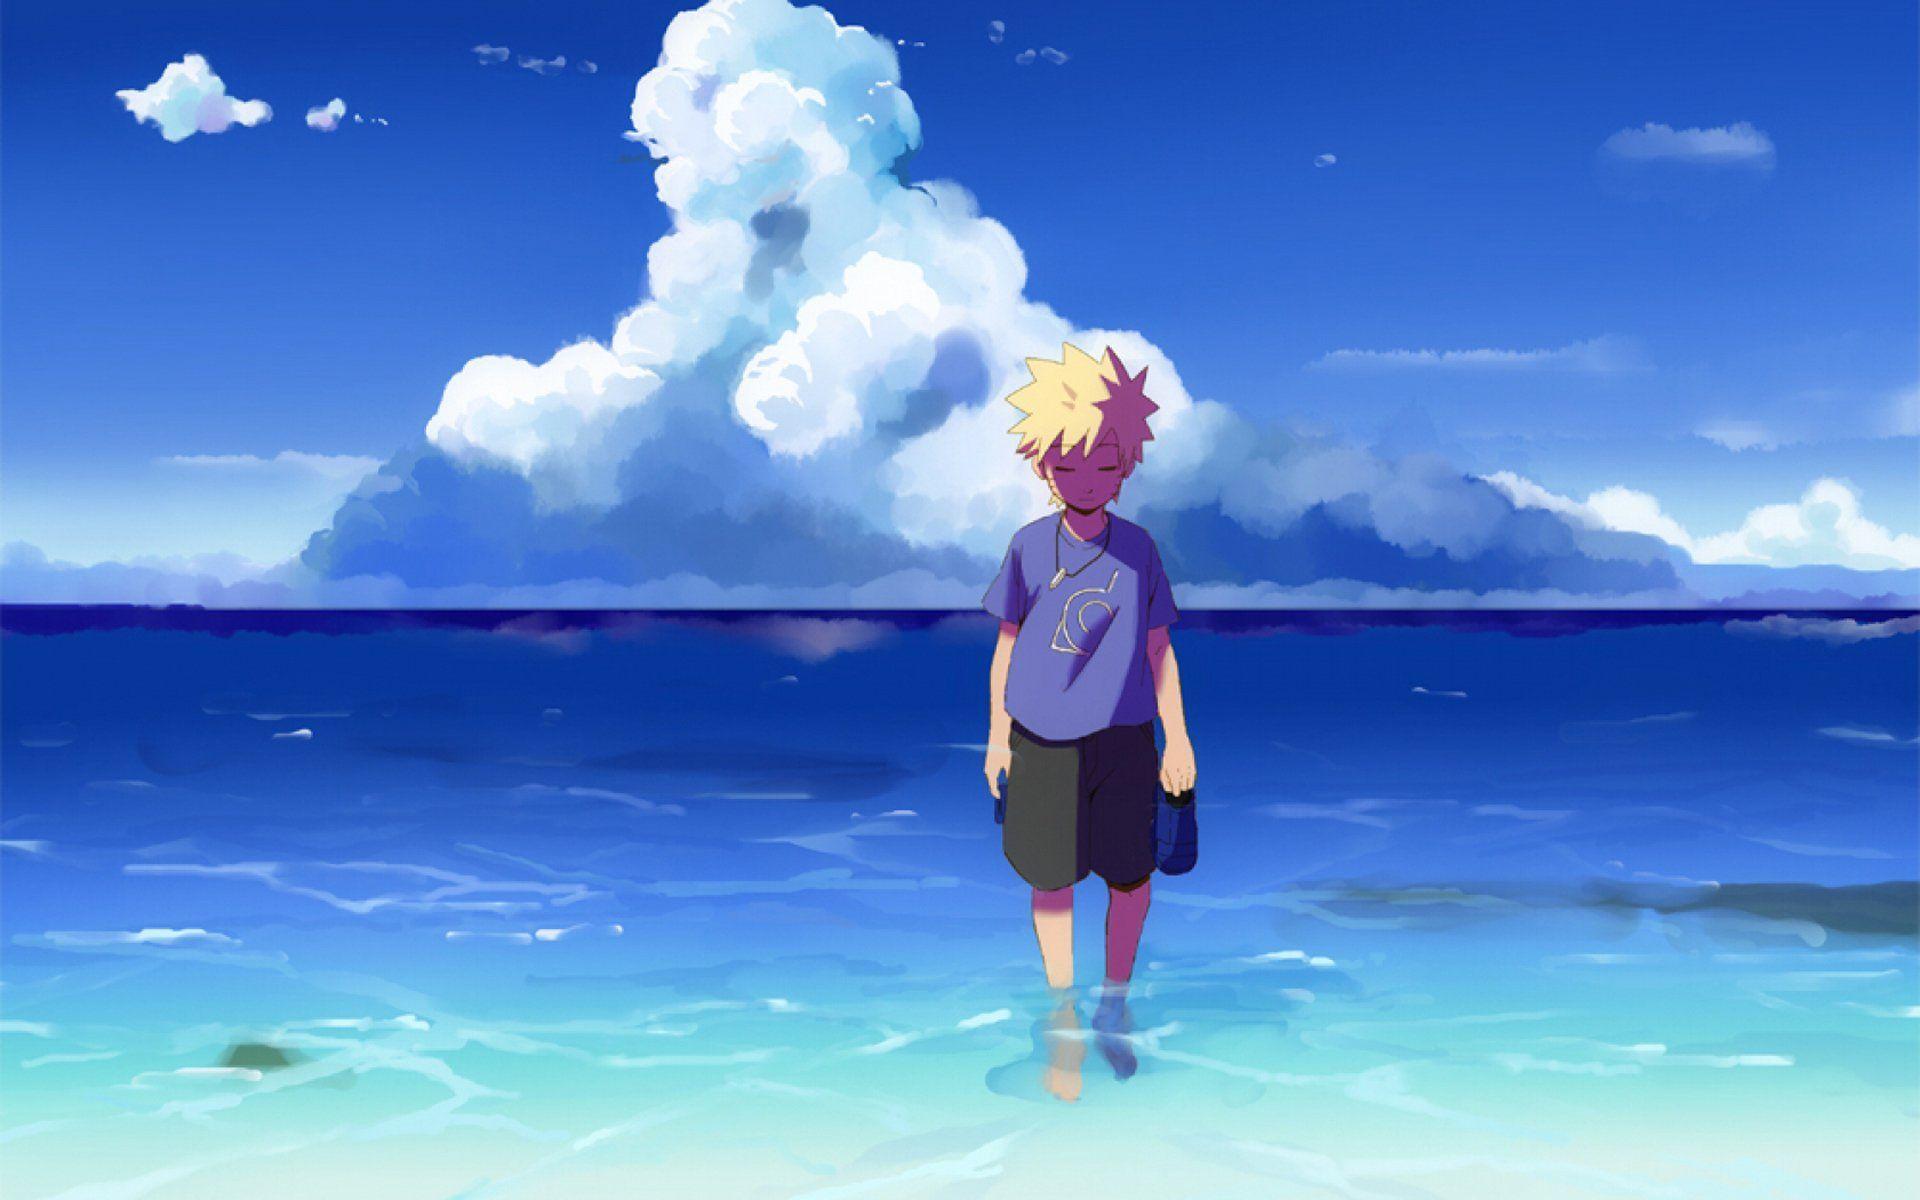 Naruto Summer Wallpapers Top Free Naruto Summer